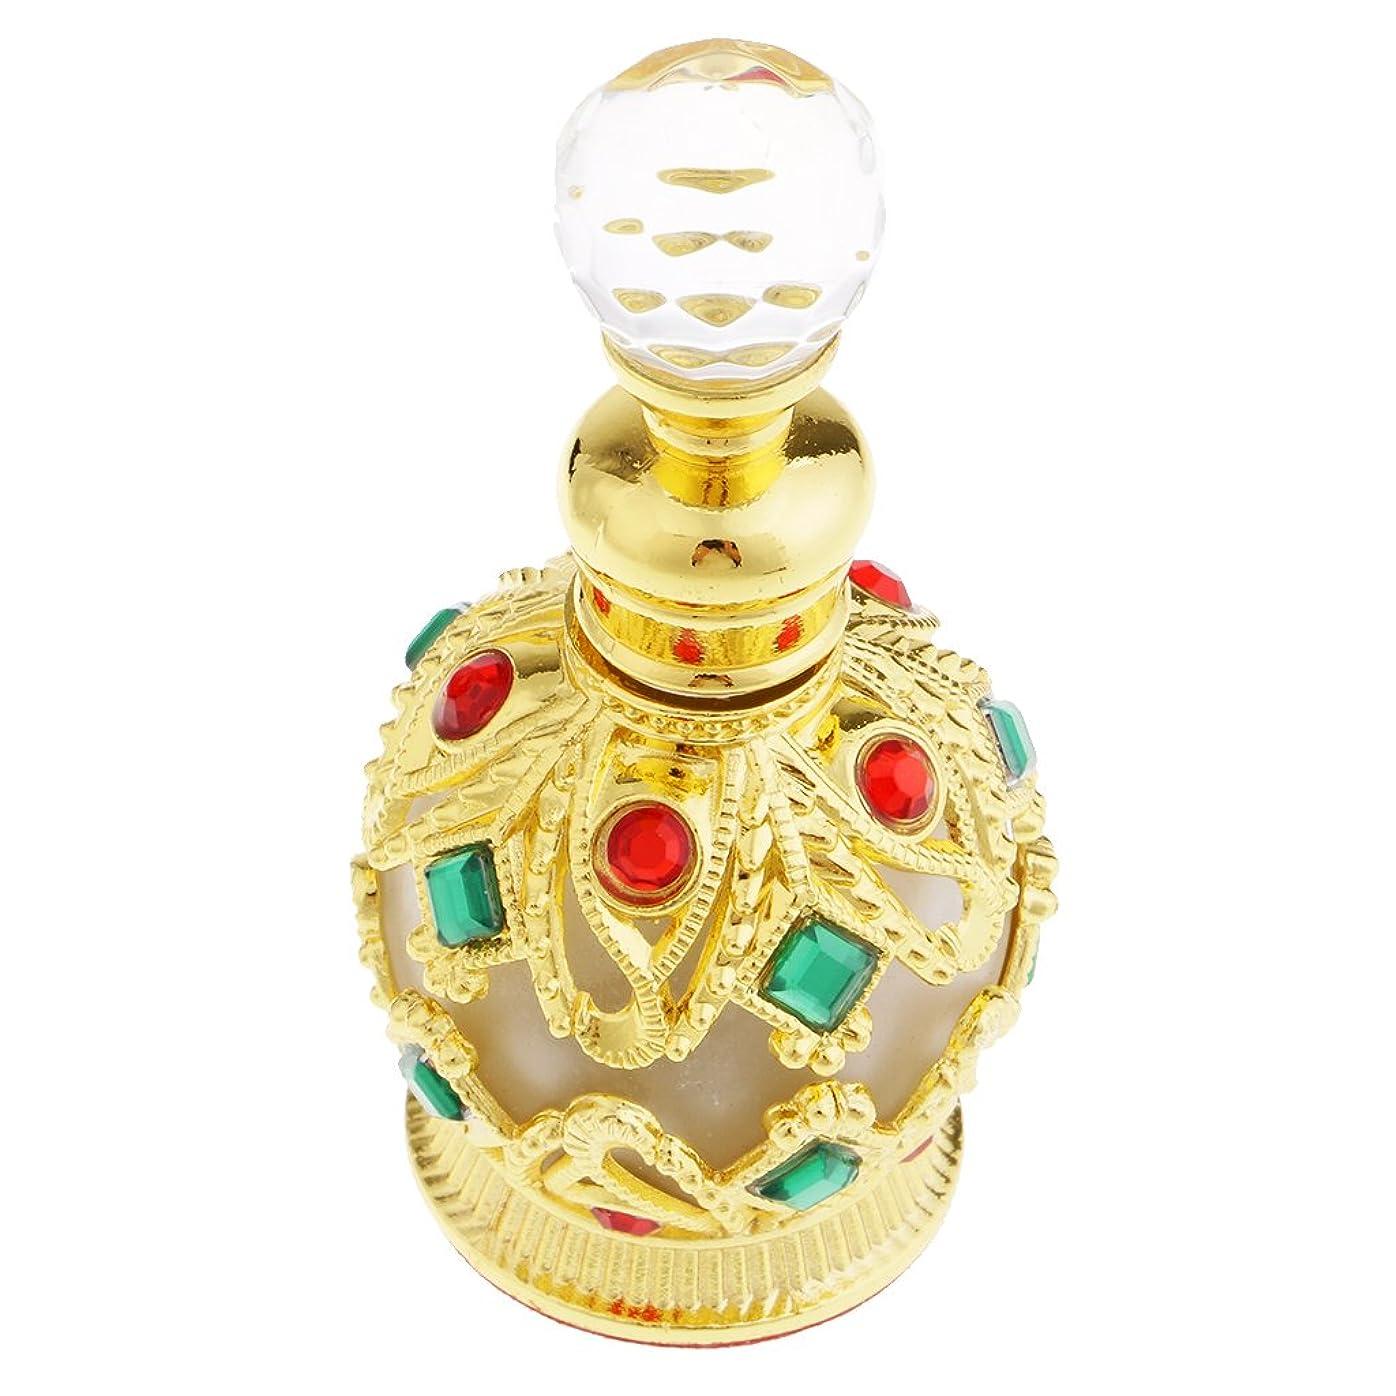 カフェテリア賭け槍Fenteer 金属製 中東スタイル トラベル 香水瓶 15ml 香水ボトル 小型 軽量 携帯便利 全2色 - ゴールド